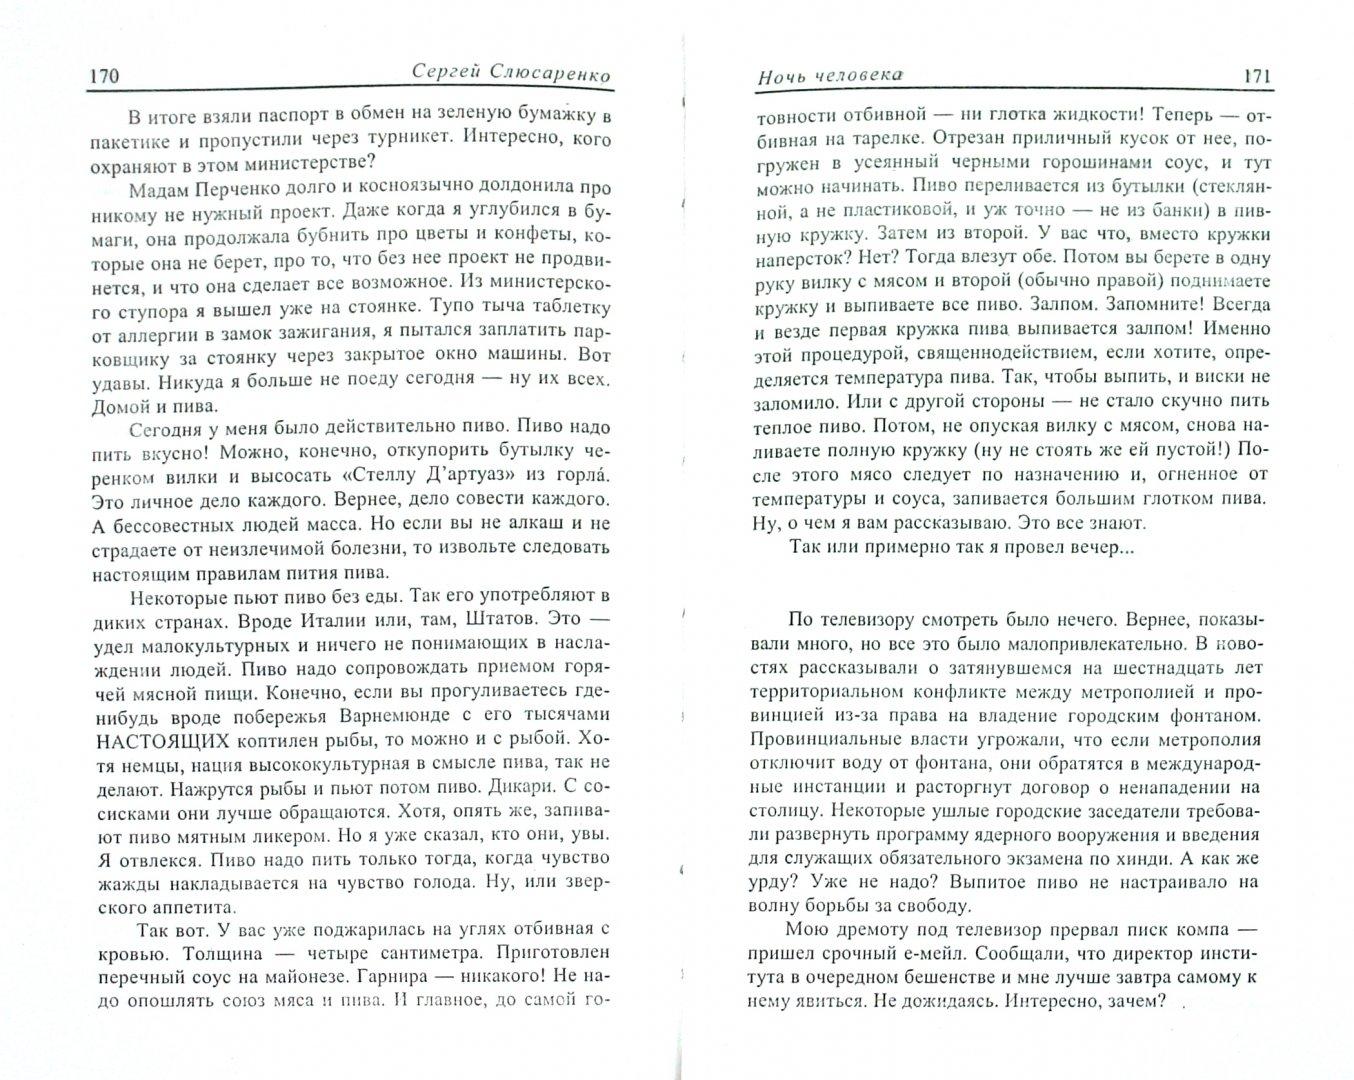 Иллюстрация 1 из 22 для Системный властелин - Сергей Слюсаренко | Лабиринт - книги. Источник: Лабиринт